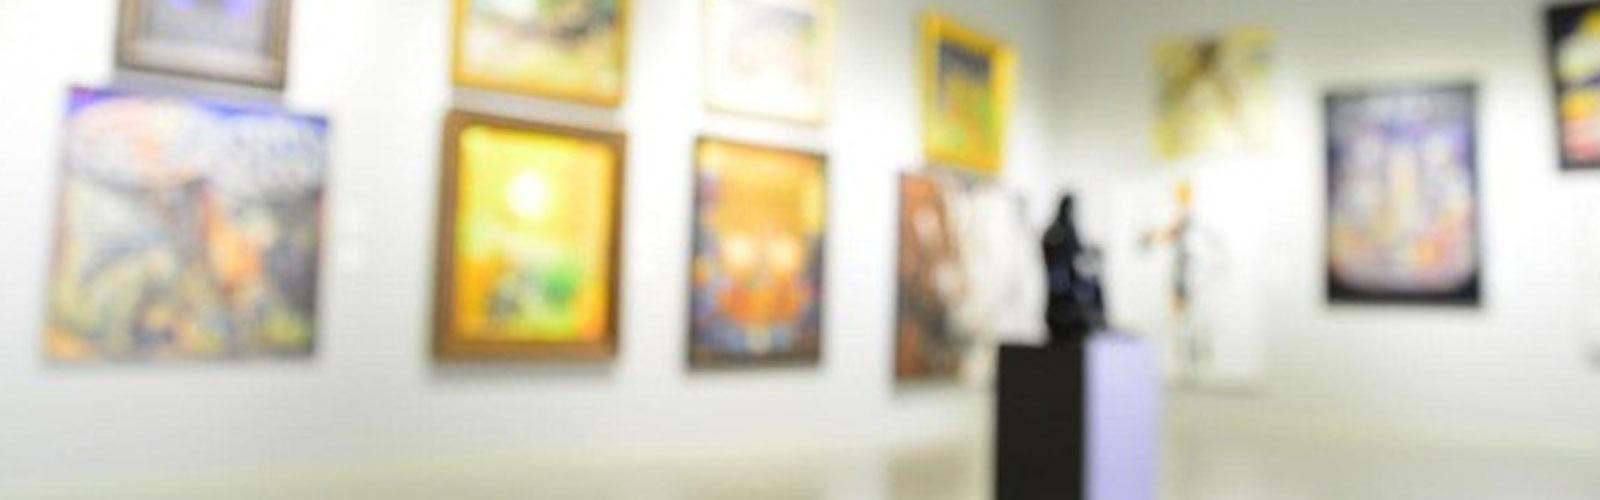 musee-fotolia